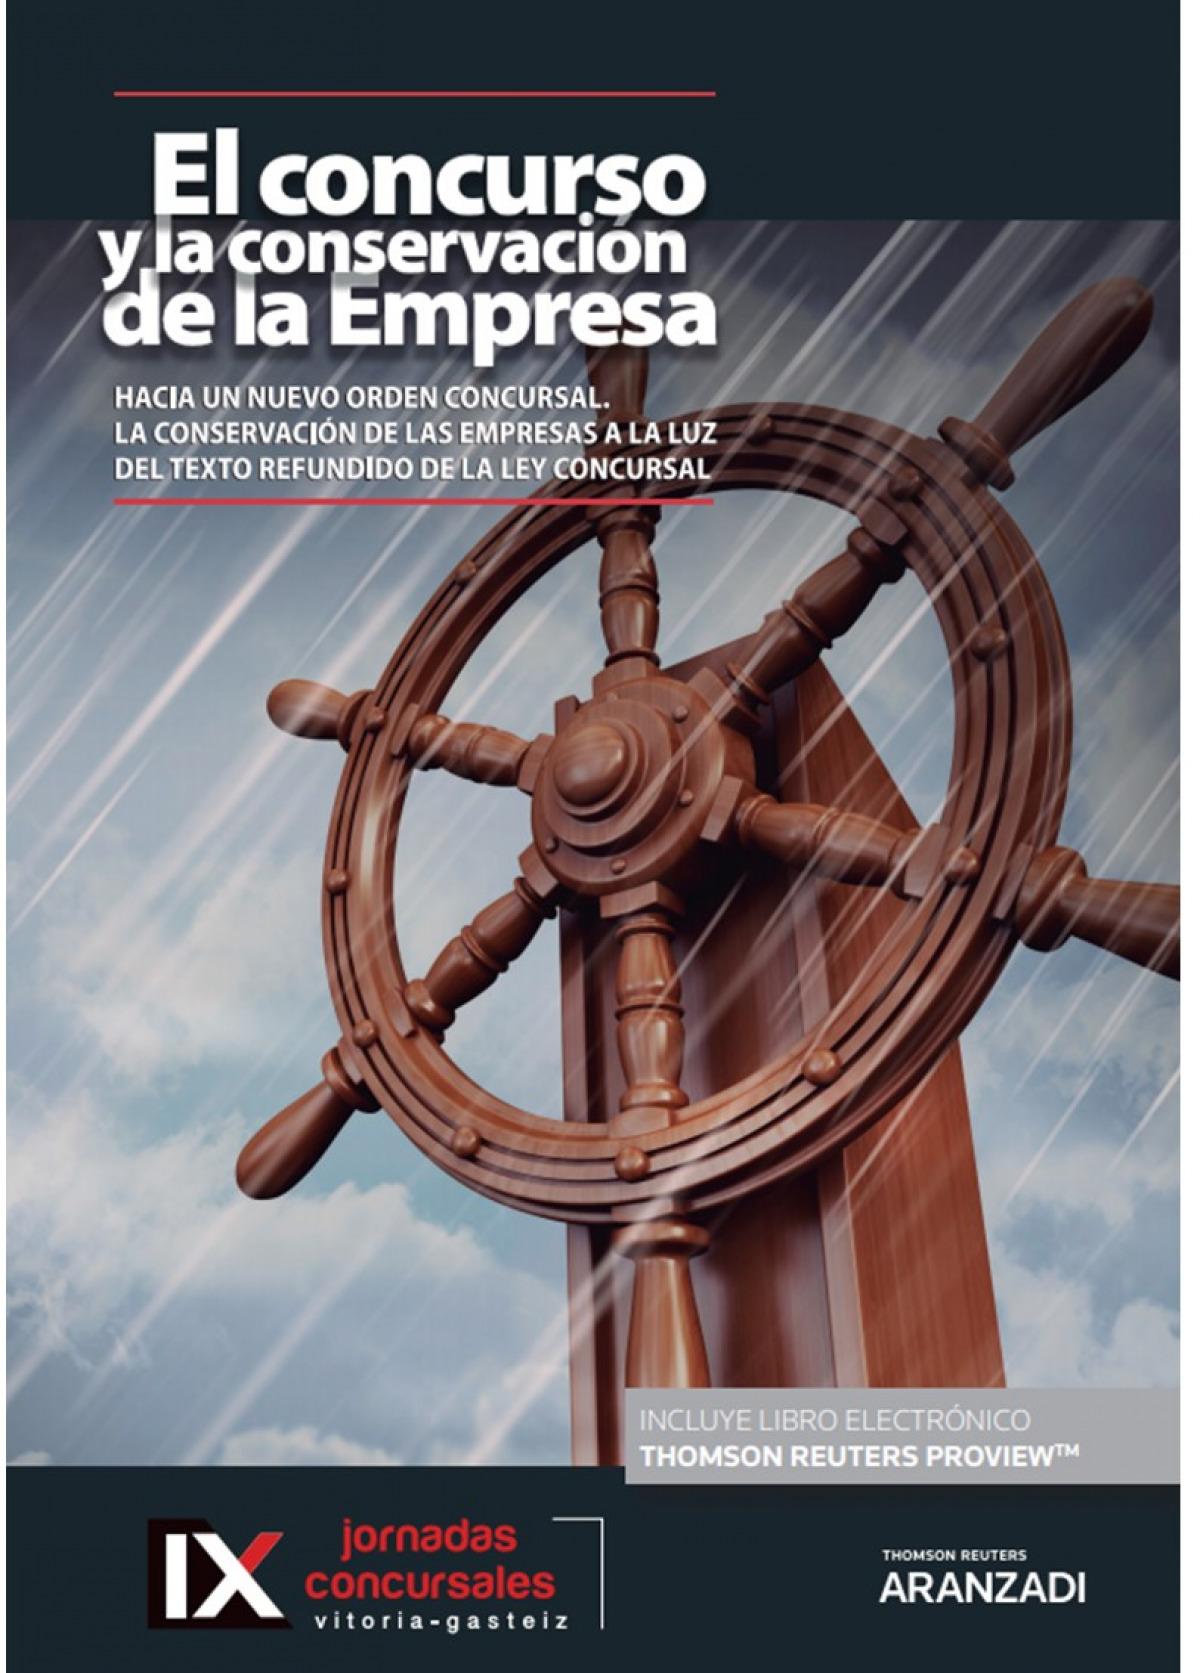 CONCURSO Y LA CONSERVACION EMPRESA HACIA UN NUEVO ORDEN 9788413456324